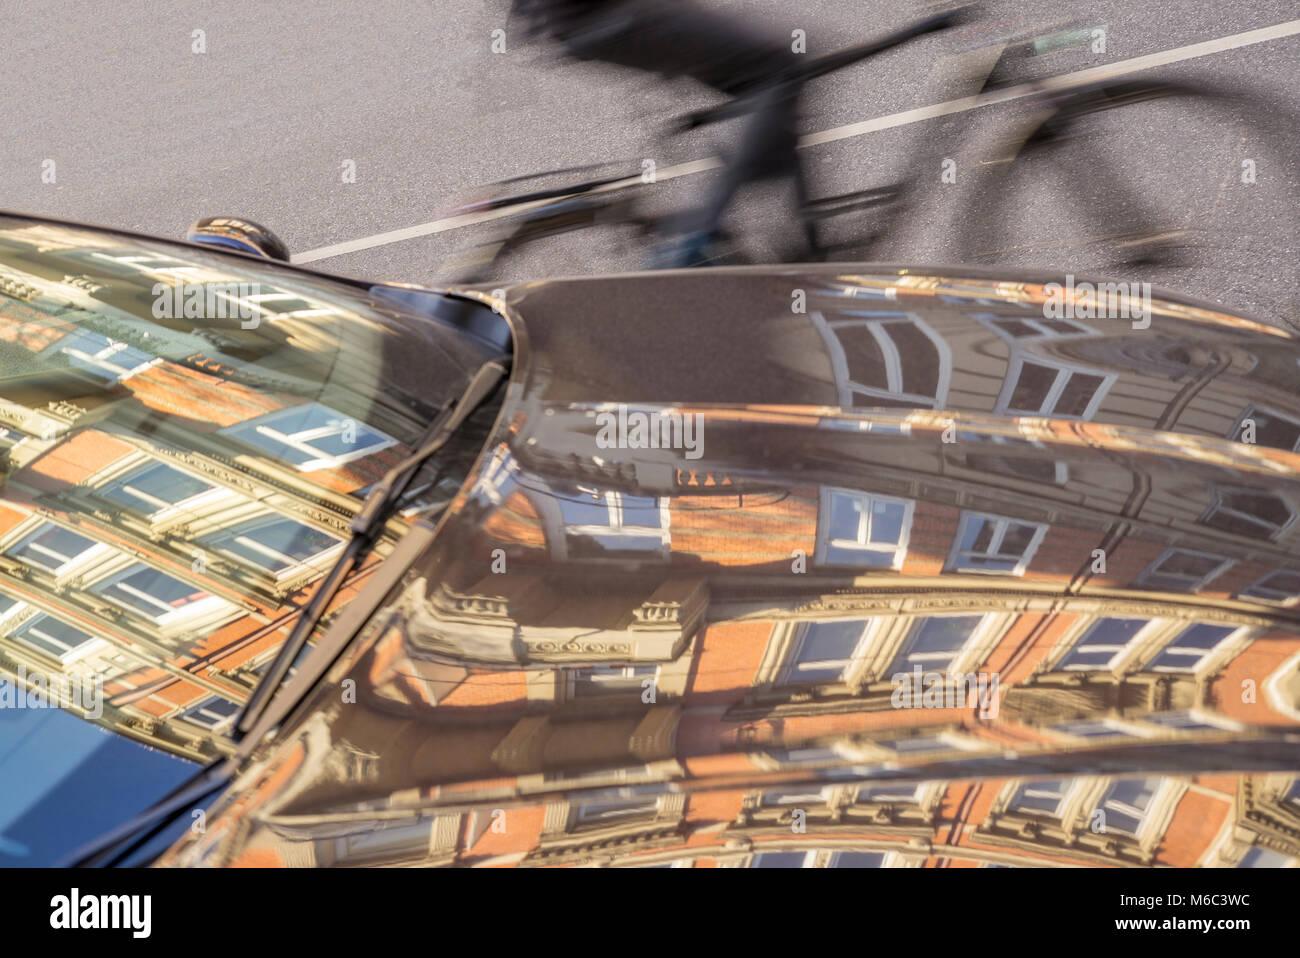 Straßenverkehr,Auto und Radfahrer - Stock Image